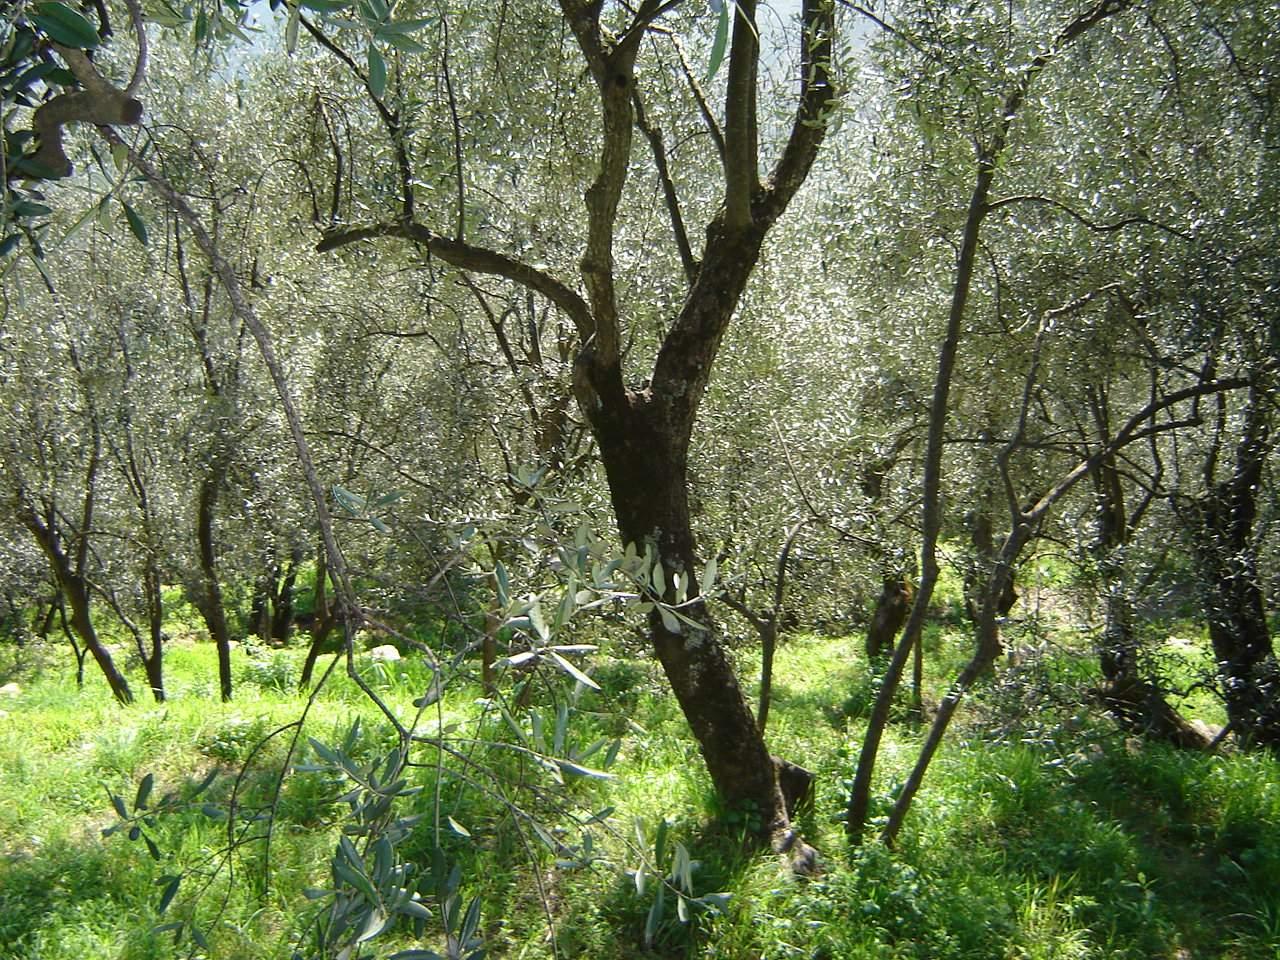 Quanto è davvero competitiva la filiera olivicola? Il nodo da sciogliere è la questione costi di produzione